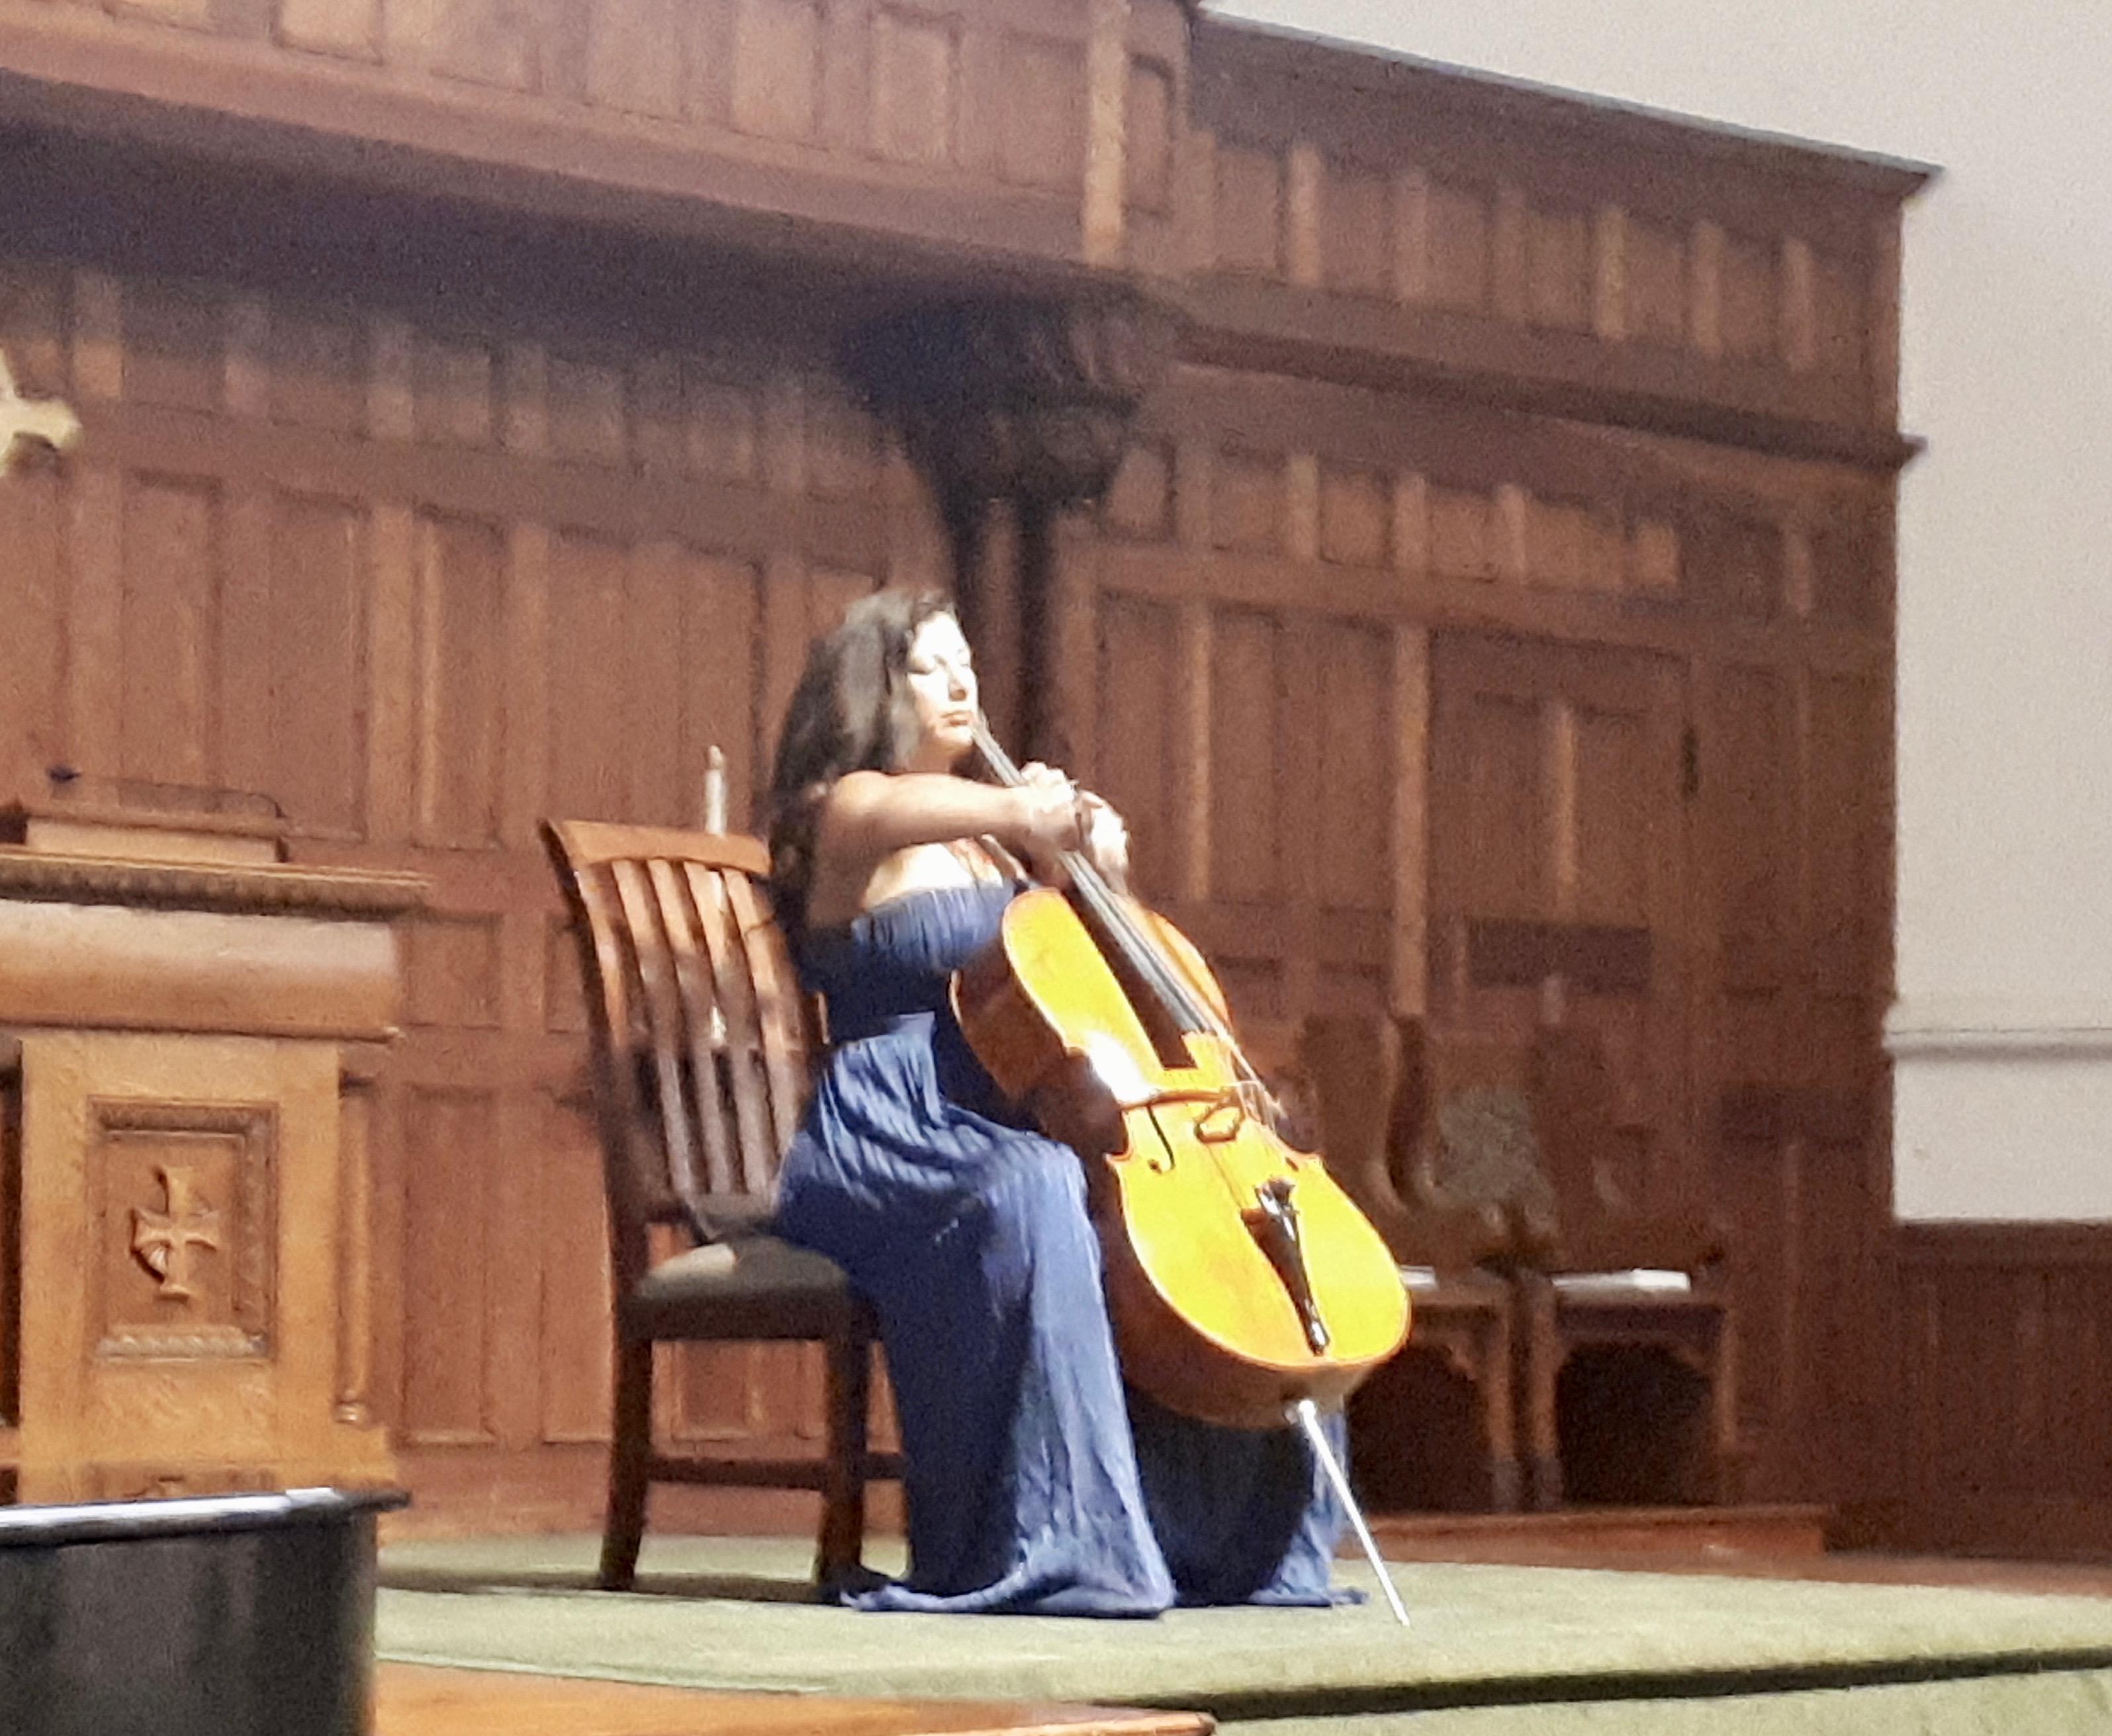 Performing at Circular Congregational Church